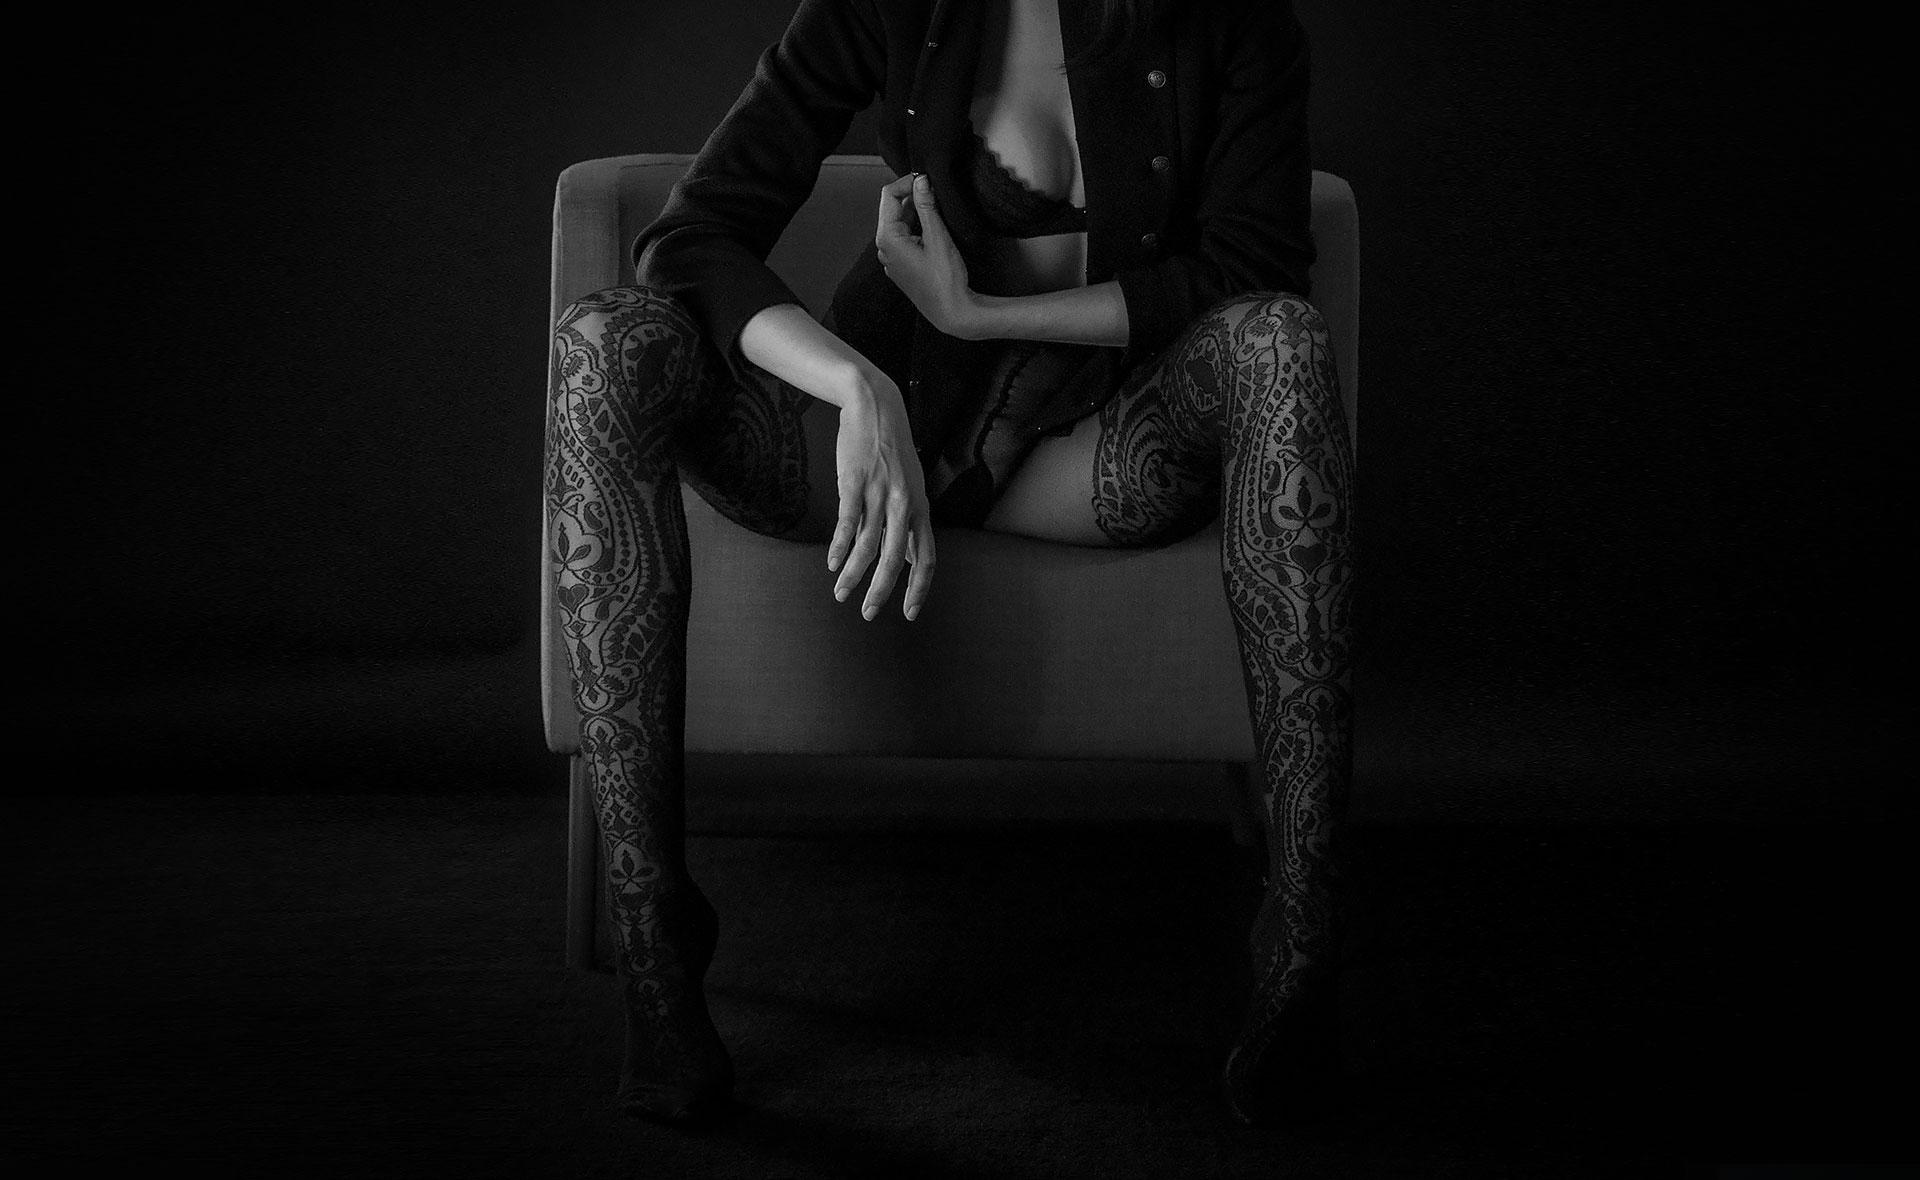 Artfatale-Photography-Portrait-1920×1180-9